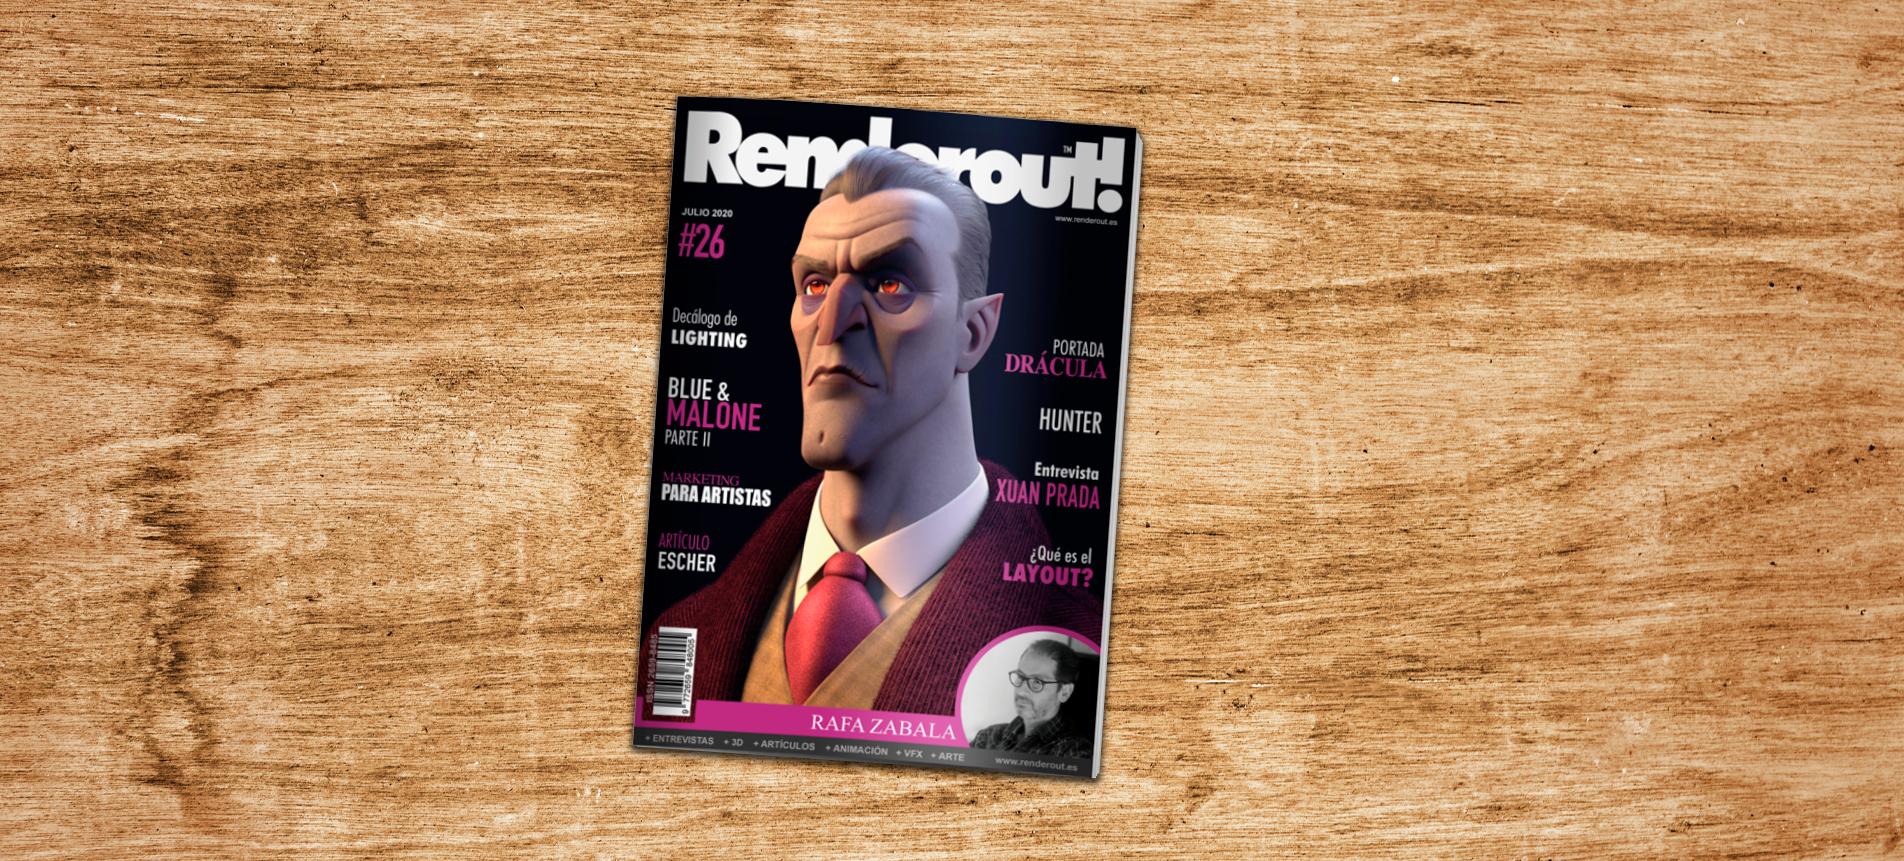 Publicación para la revista Renderout